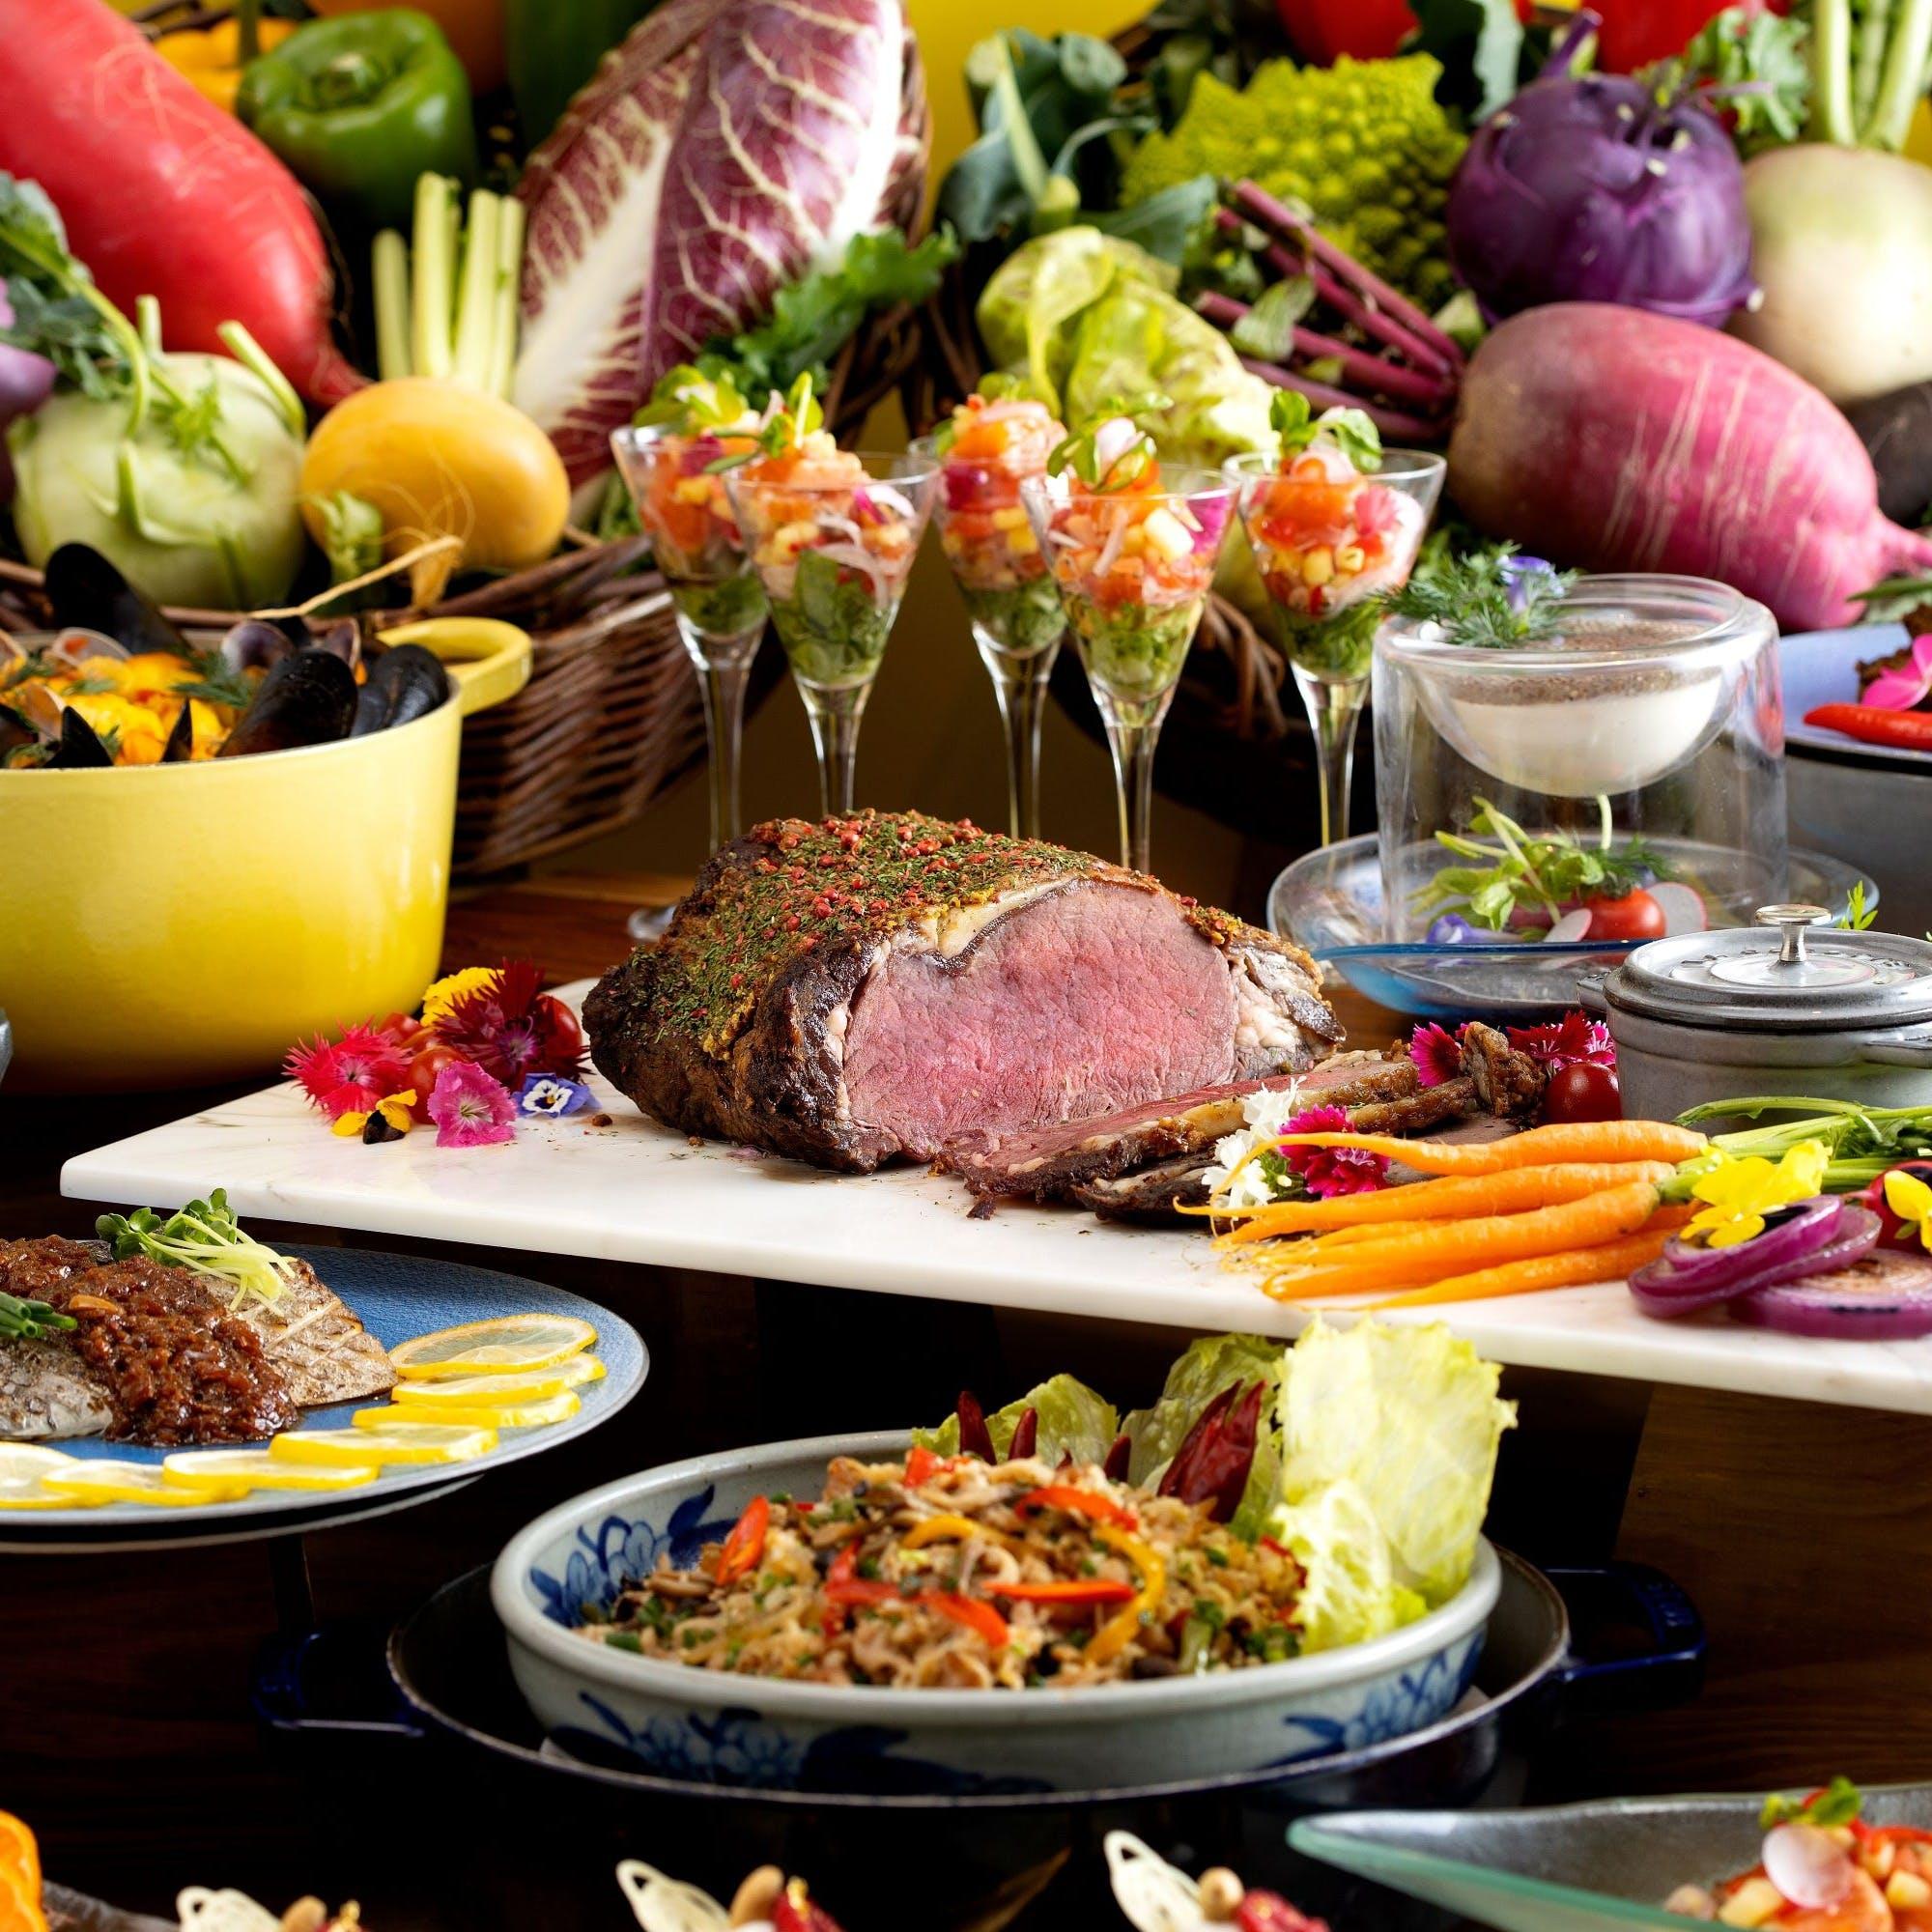 地産地消・新鮮・旬・健康をテーマにさまざまな料理を提供